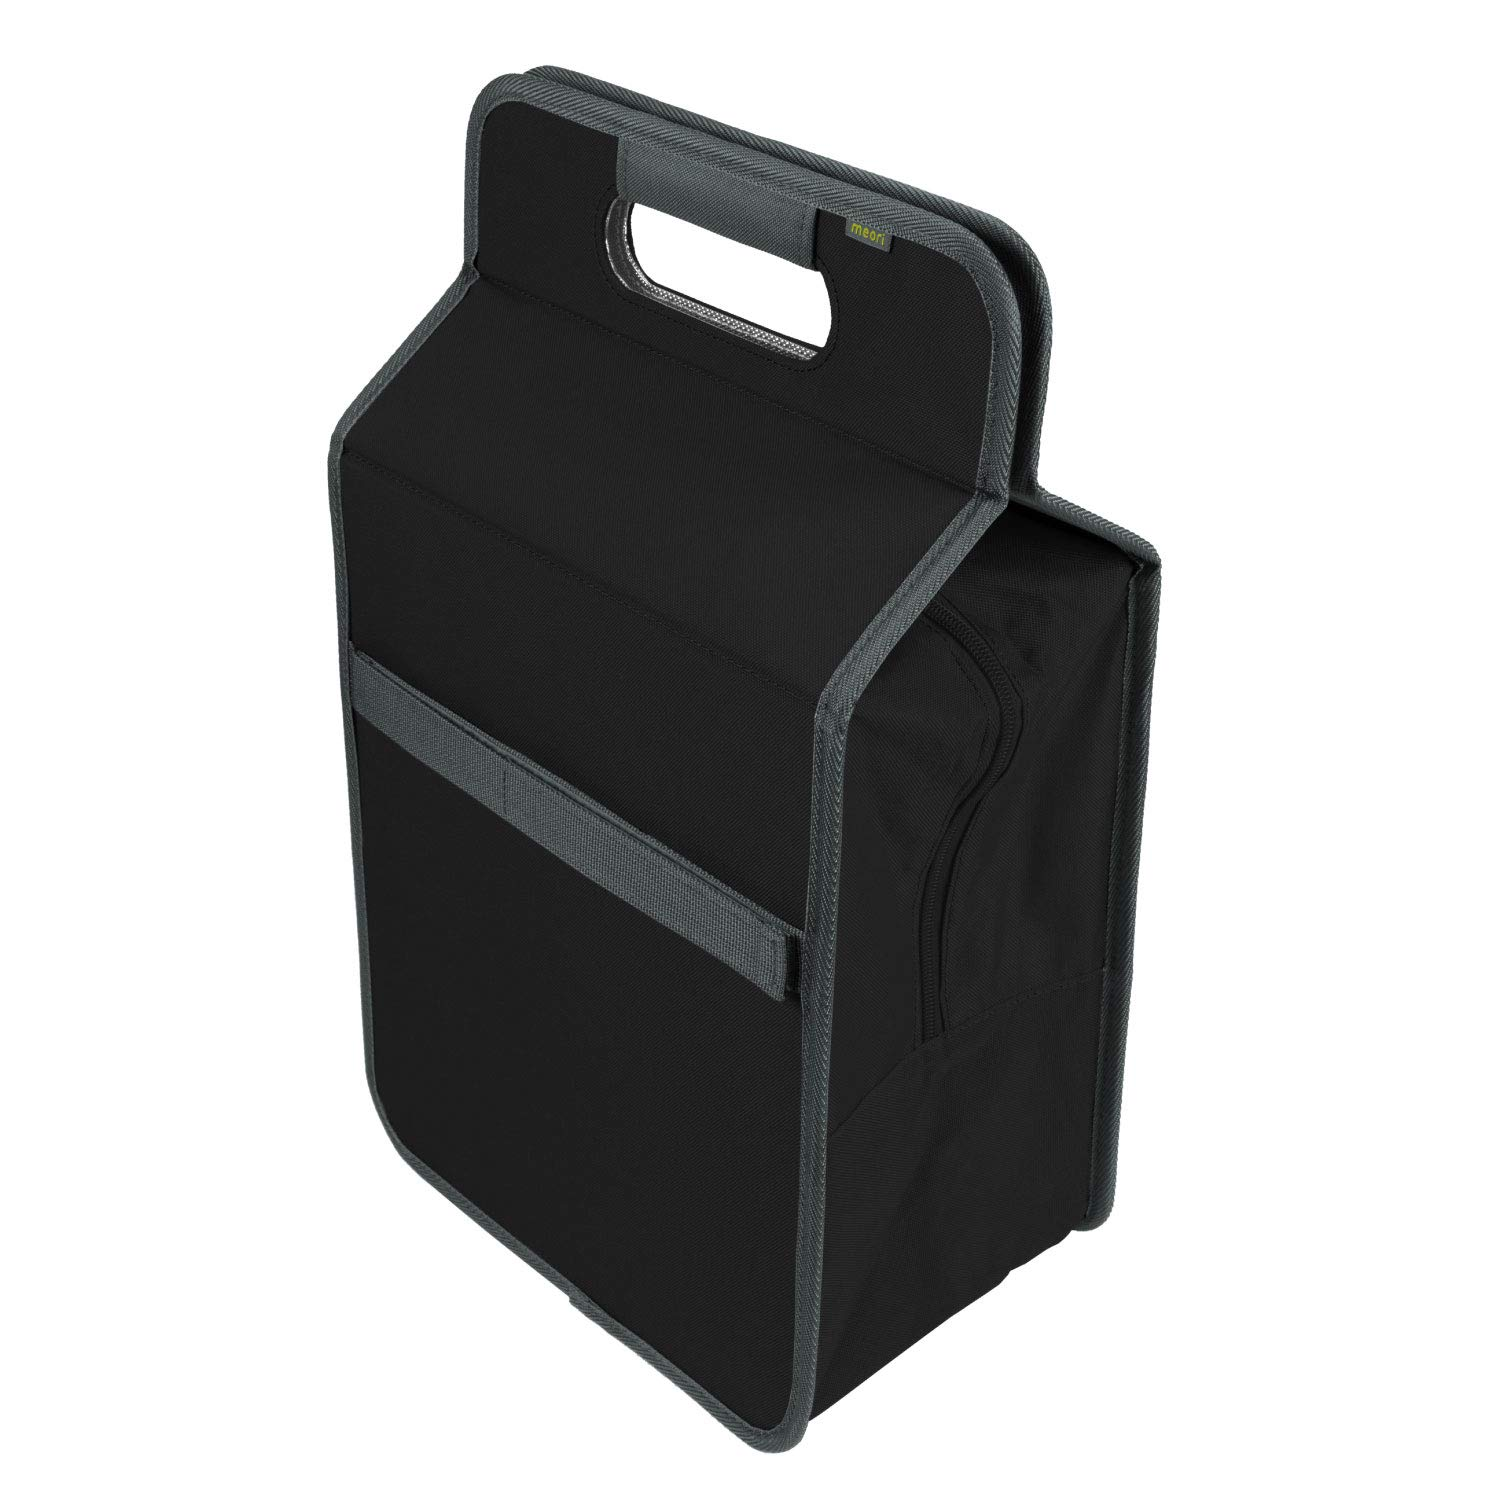 Онлайн каталог PROMENU: Cумка для ланча, размер L Meori Black, объем 15 л, 27x17,5x48 см, черный                               A100419